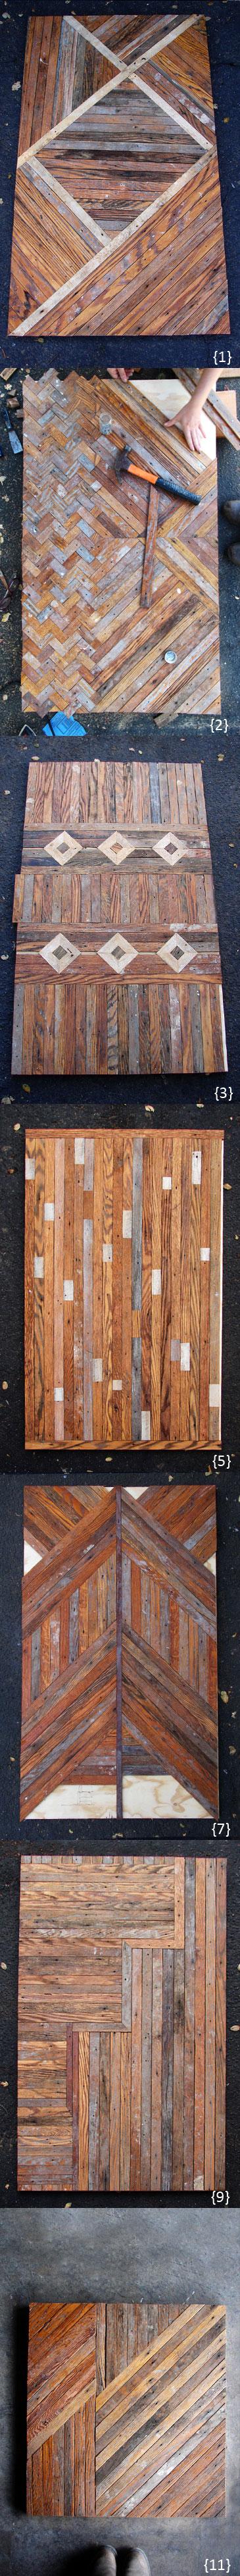 Table Tops by Ariele Alasko for il vecchio Restaurant in Pacific Grove, California